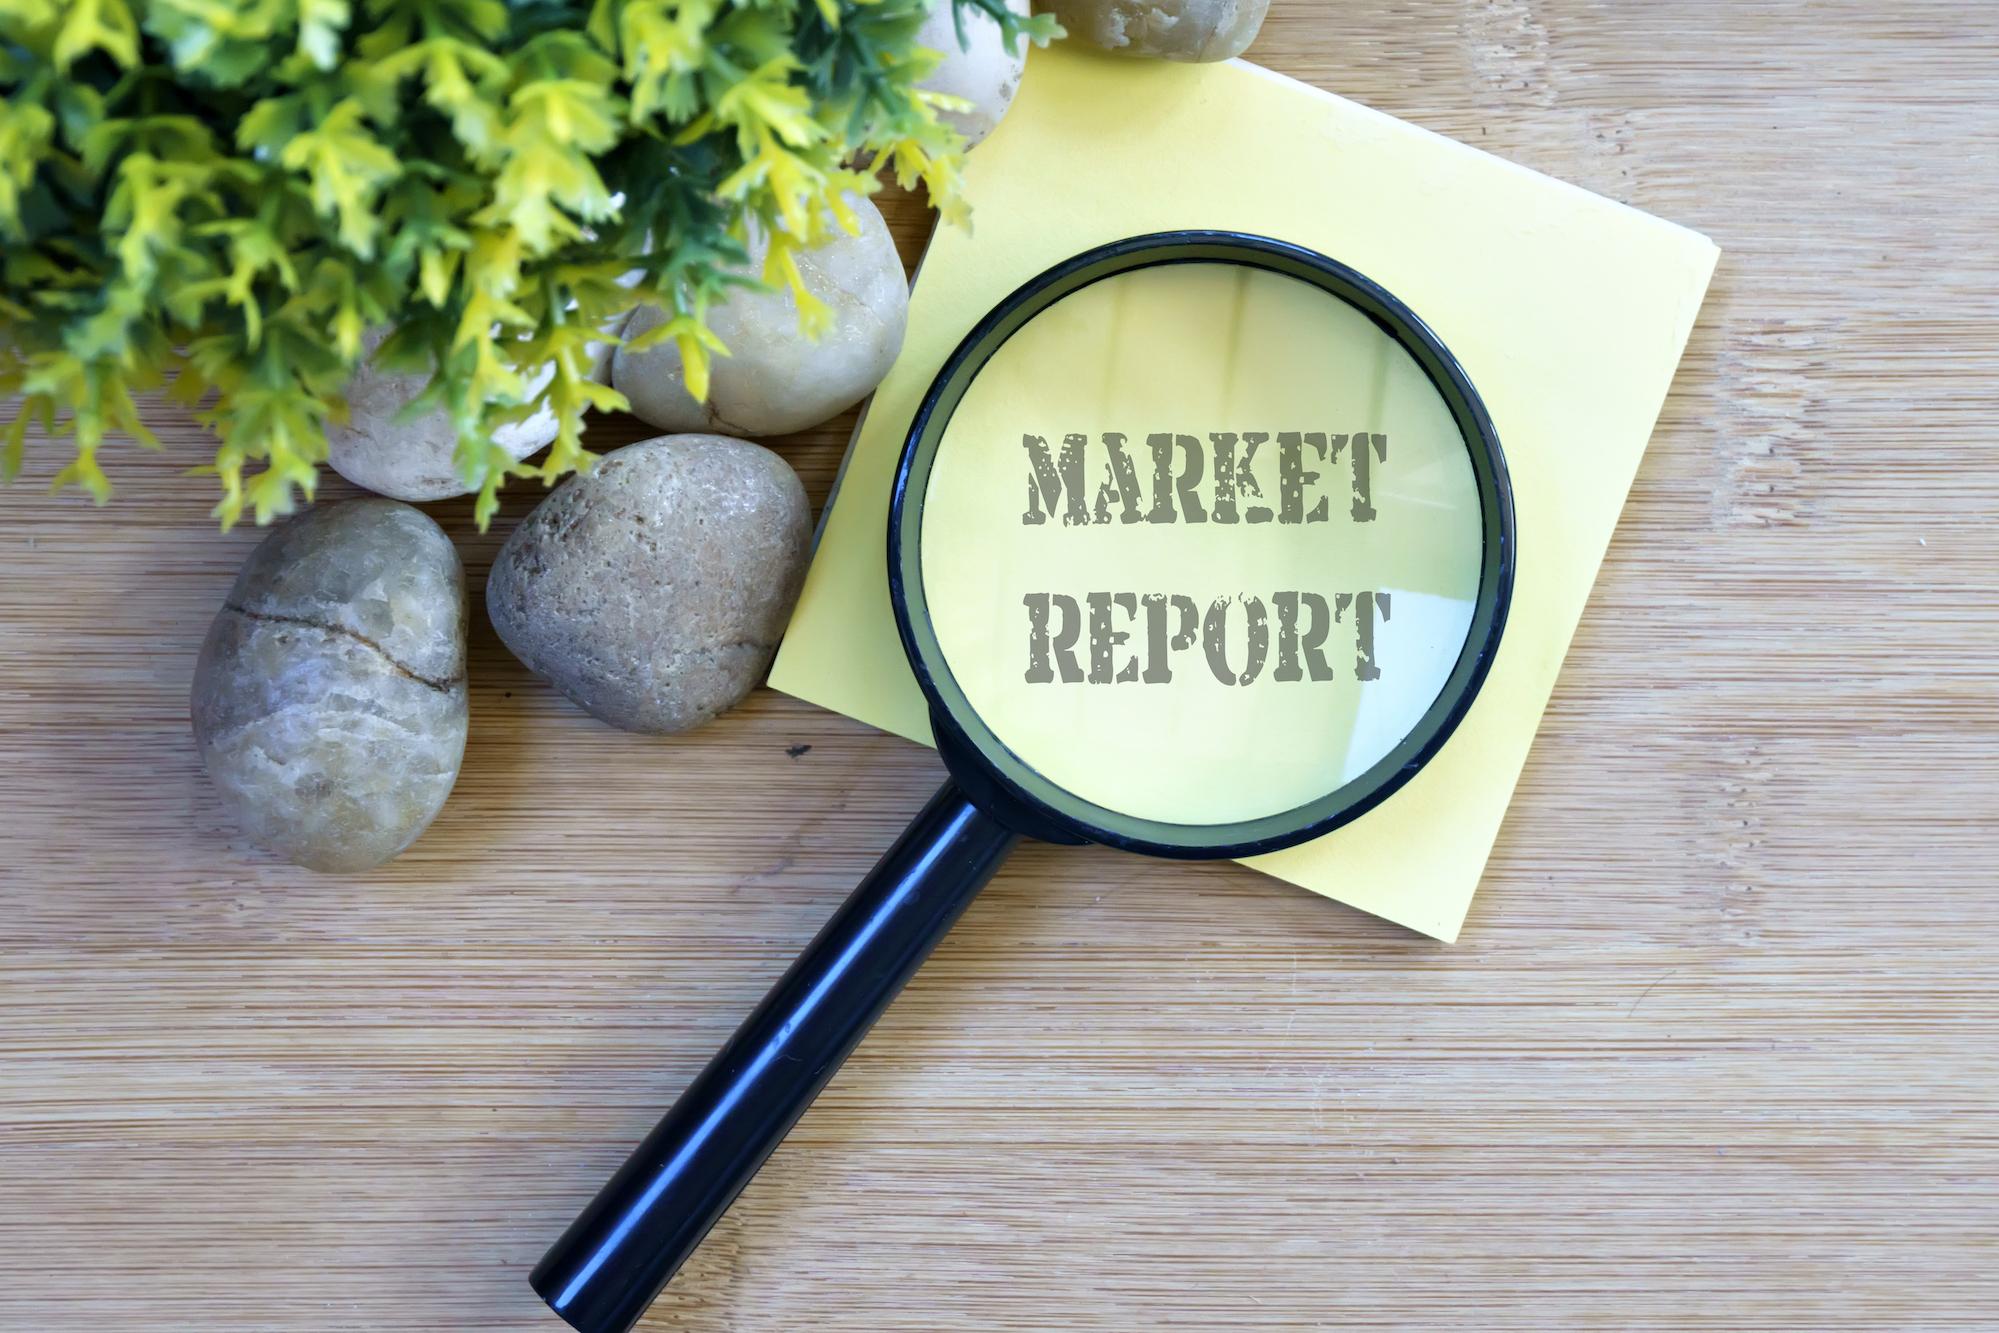 Omaha Market Reports